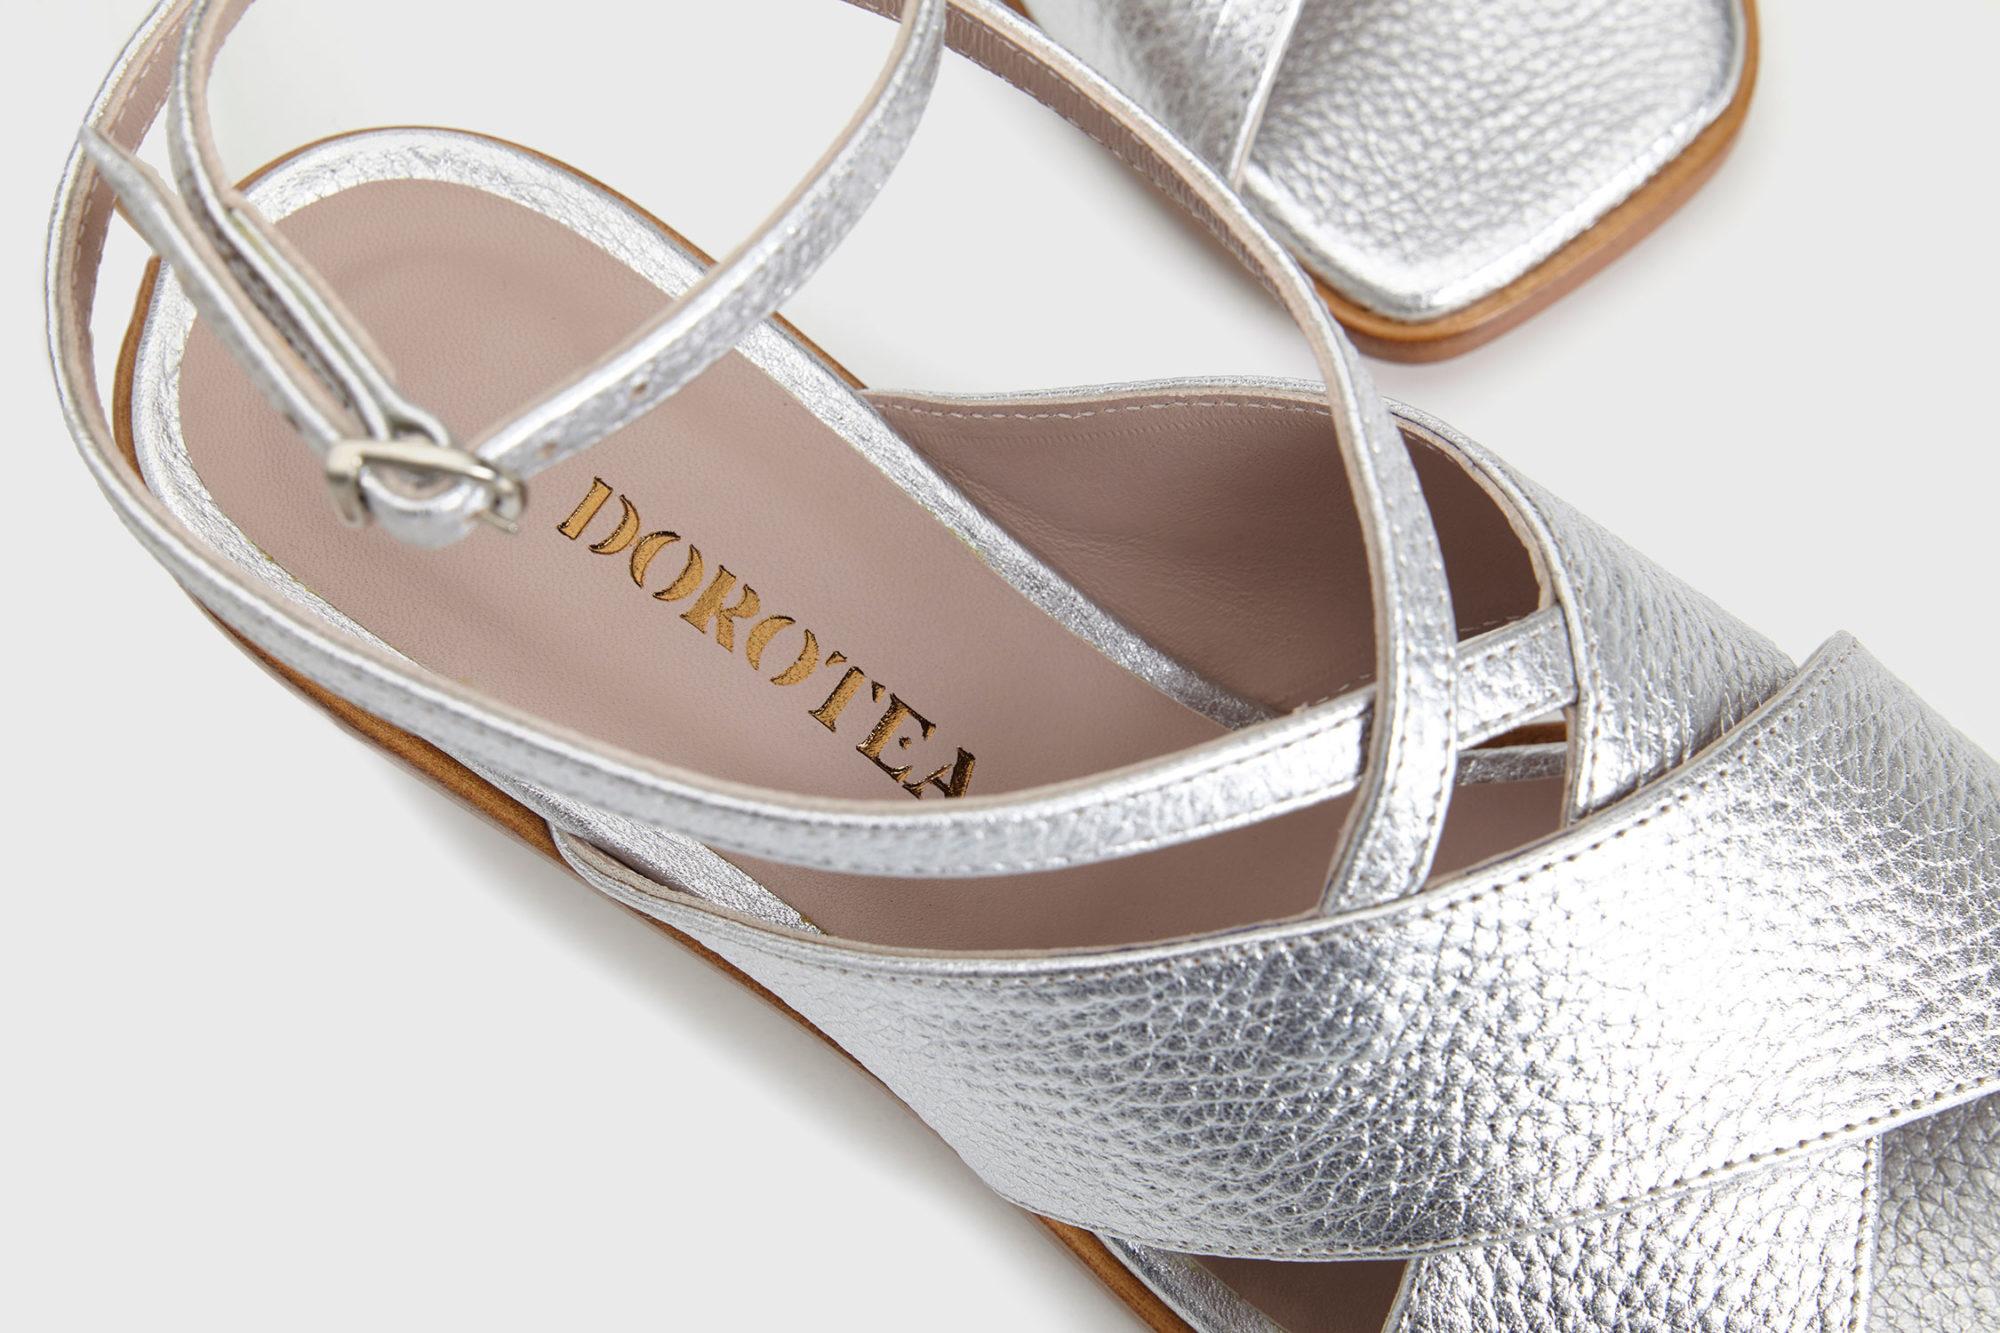 Sandalia de tacón medio Daphne ss17 detalle